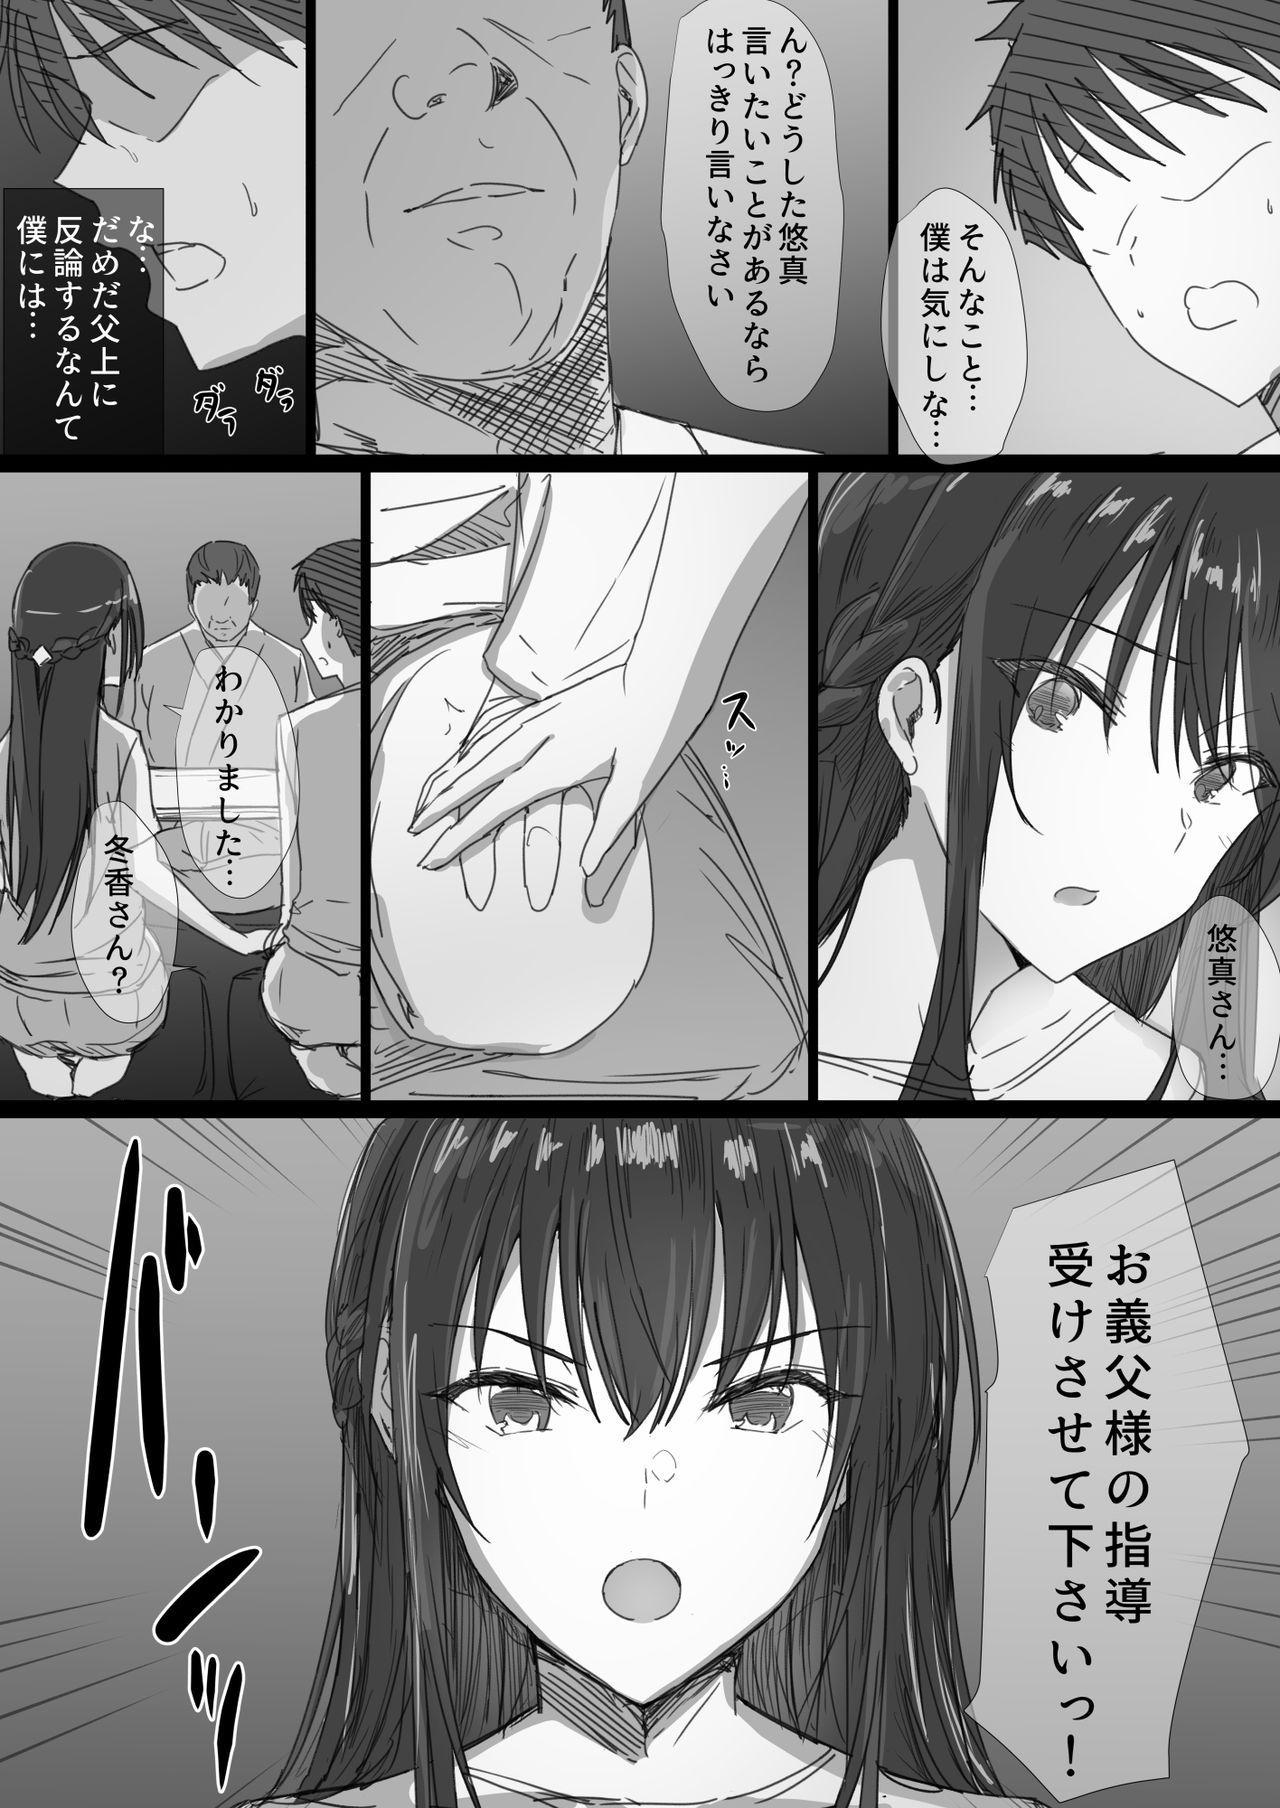 Ki ga Tsuyoi Seiso na Hitozuma Reijou ga Netorareru made no Ichibu Shijuu 13